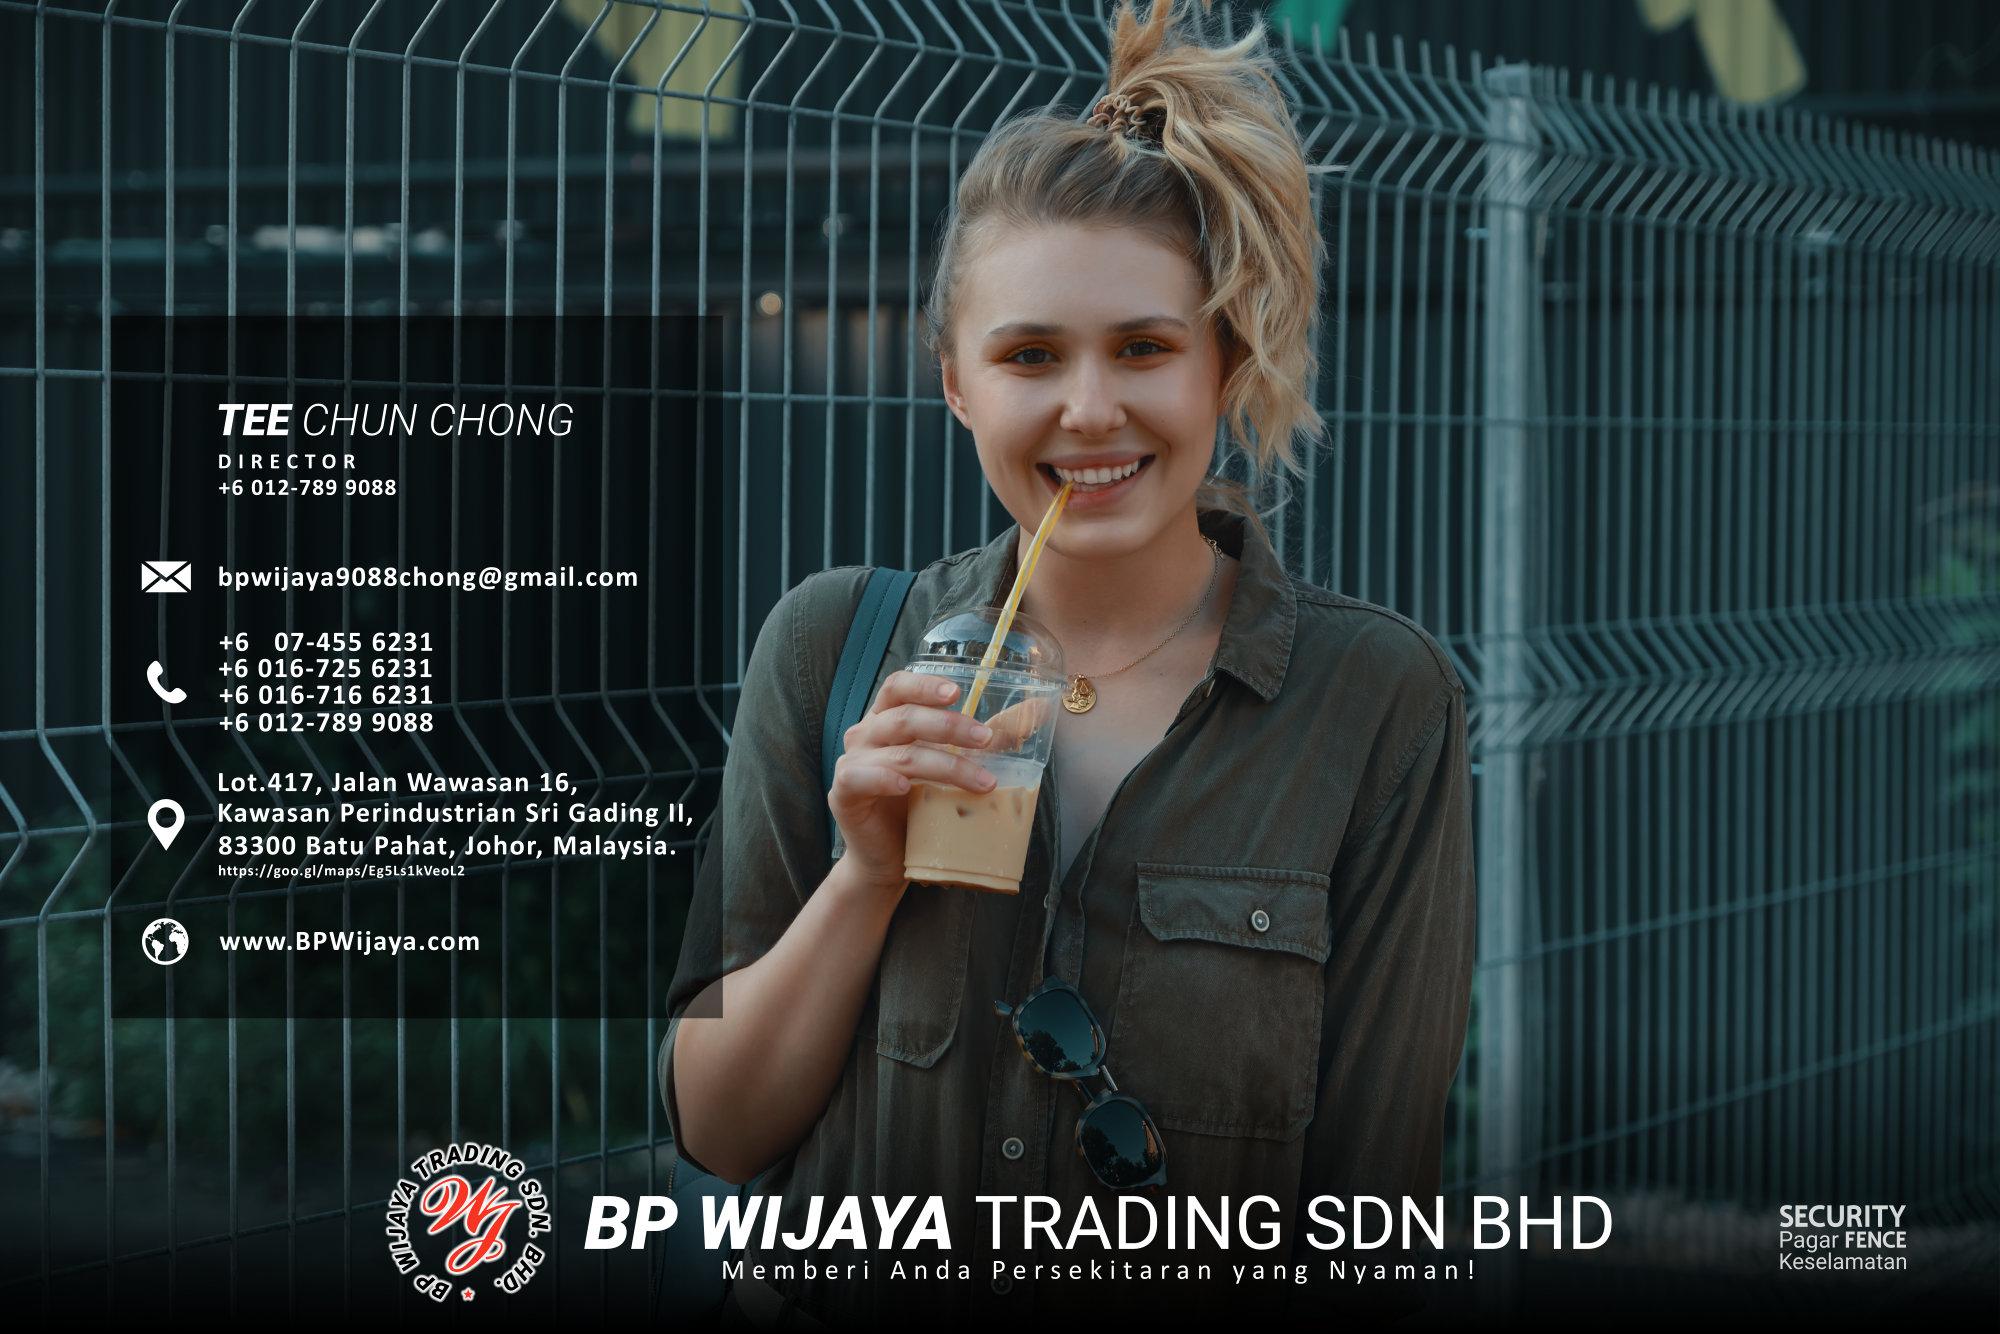 Pembekal Kuala Lumpur Pagar Keselamatan kami merupakan pengilang pagar keselamatan BP Wijaya Trading Sdn Bhd Pagar Taman Pagar Bangunan Pagar Kilang Pagar Rumah Pemborong Pagar Keselamatan A03-016